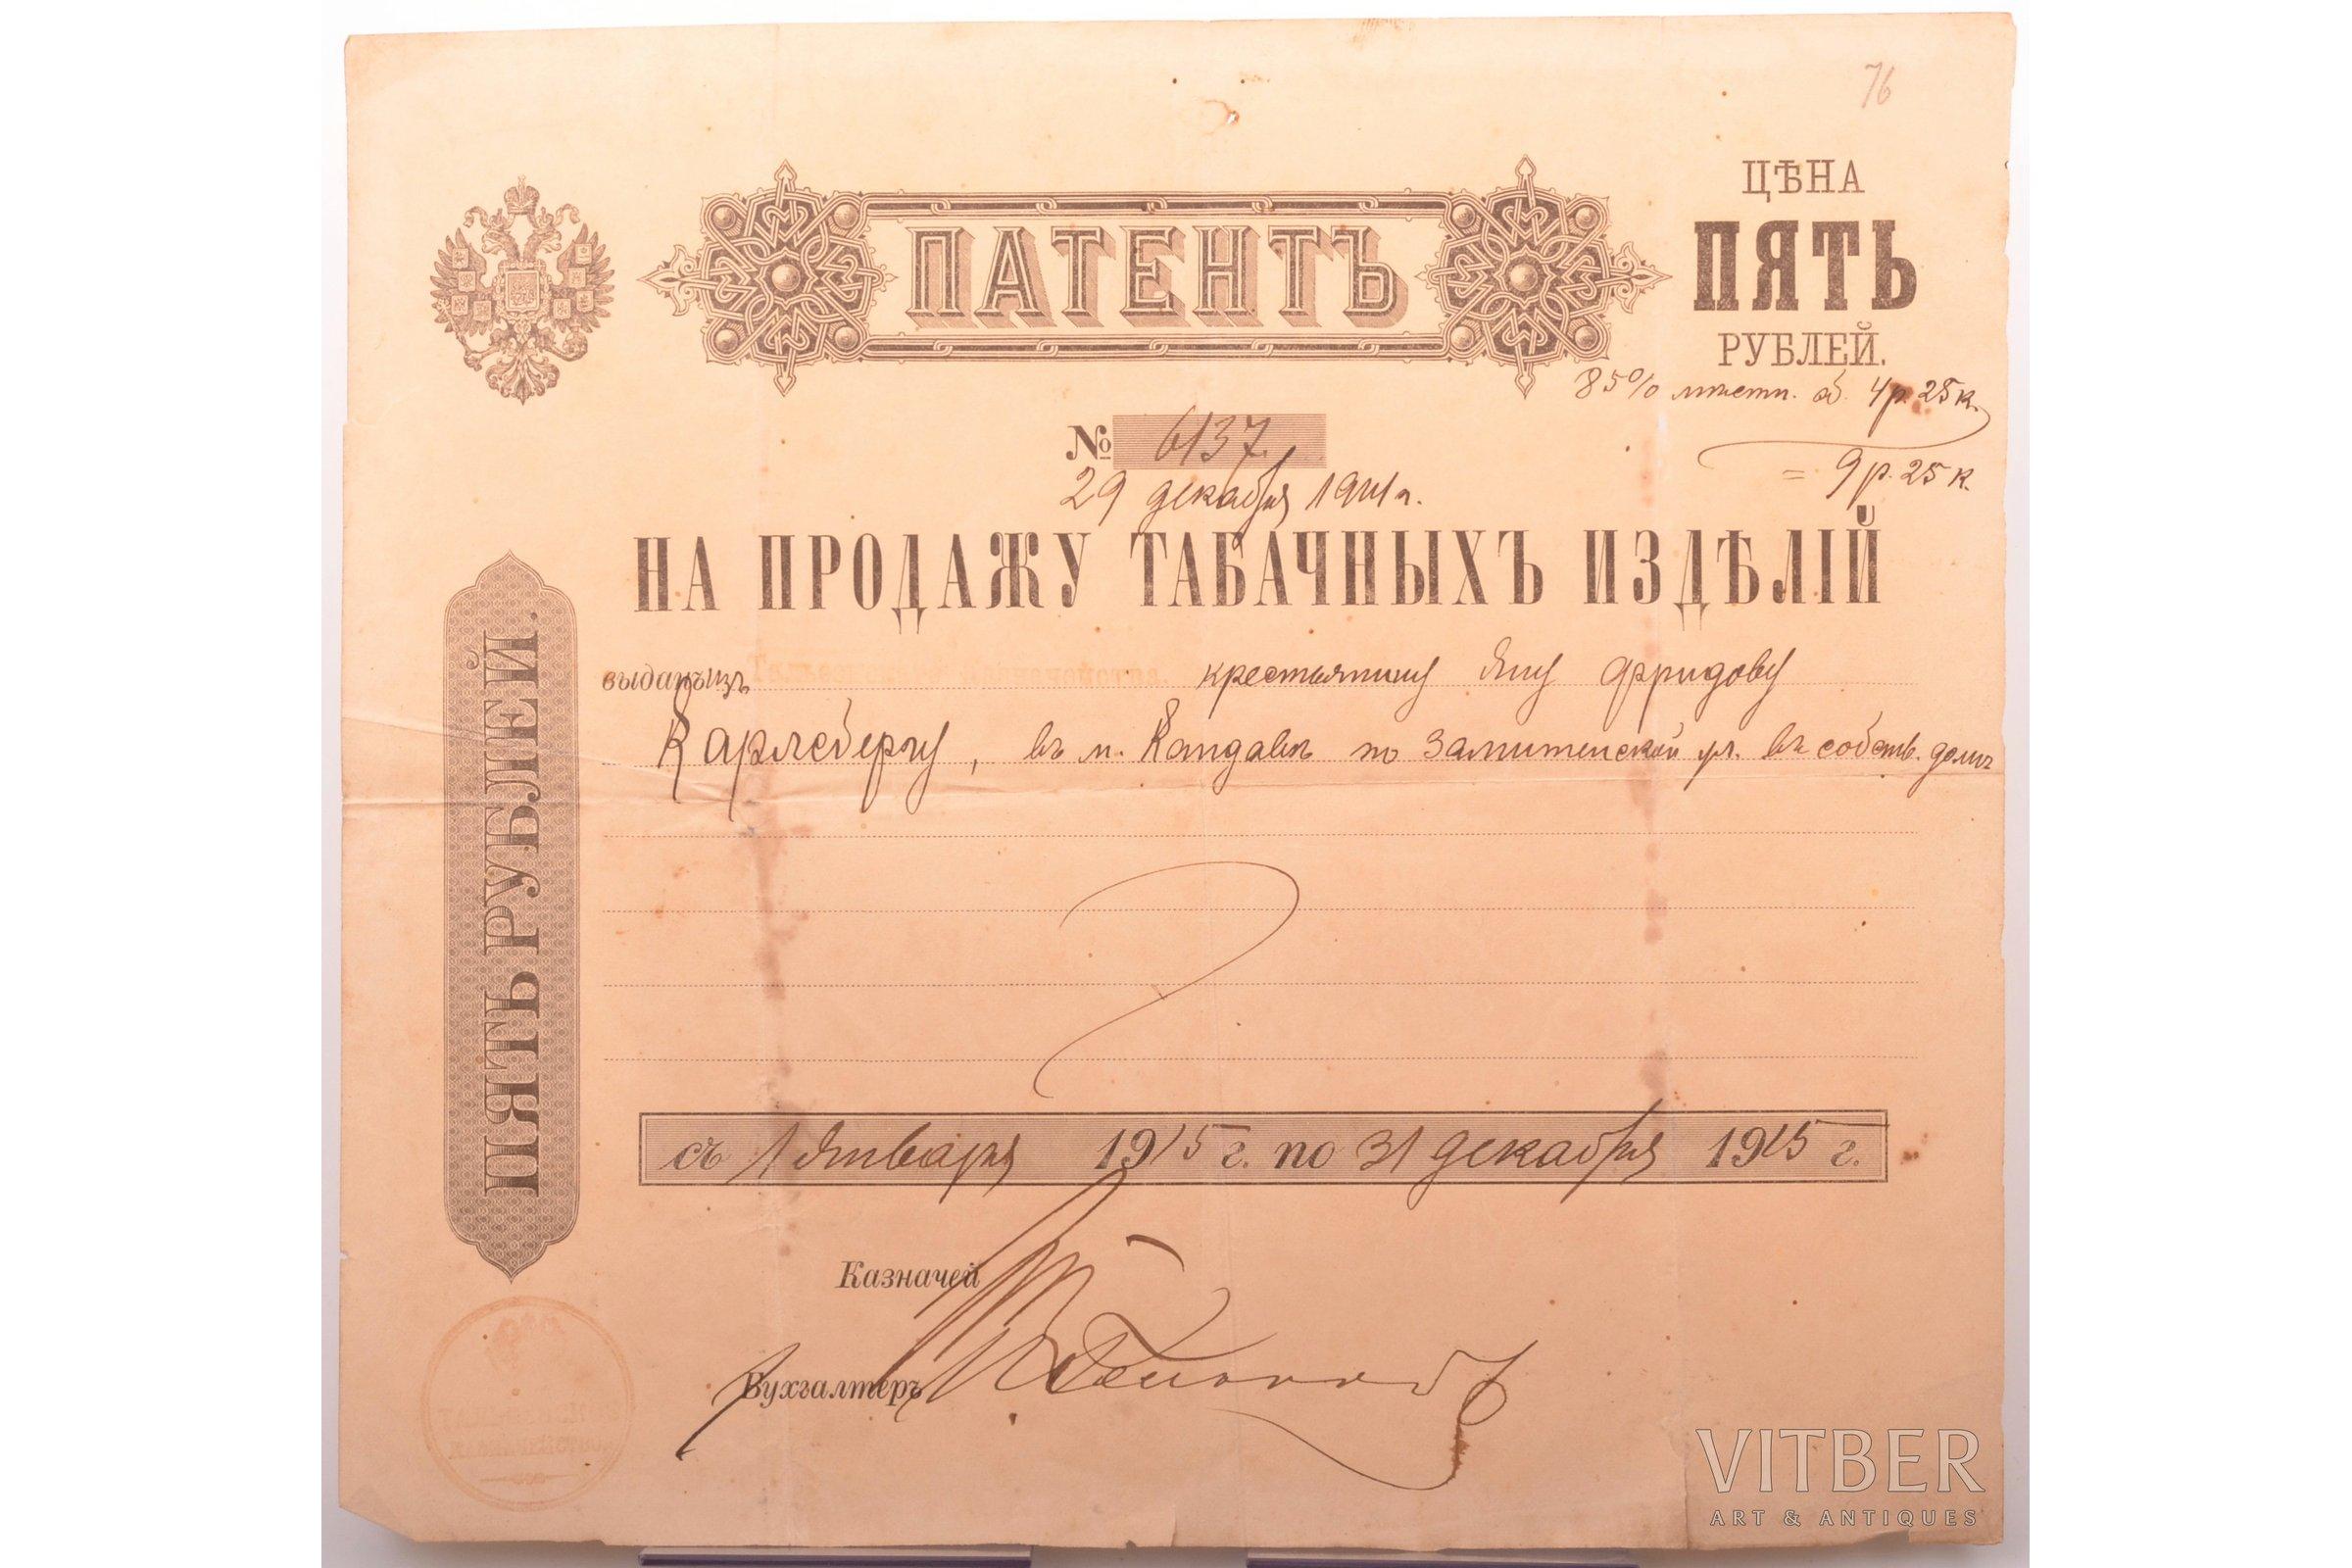 патент продажа табачных изделий